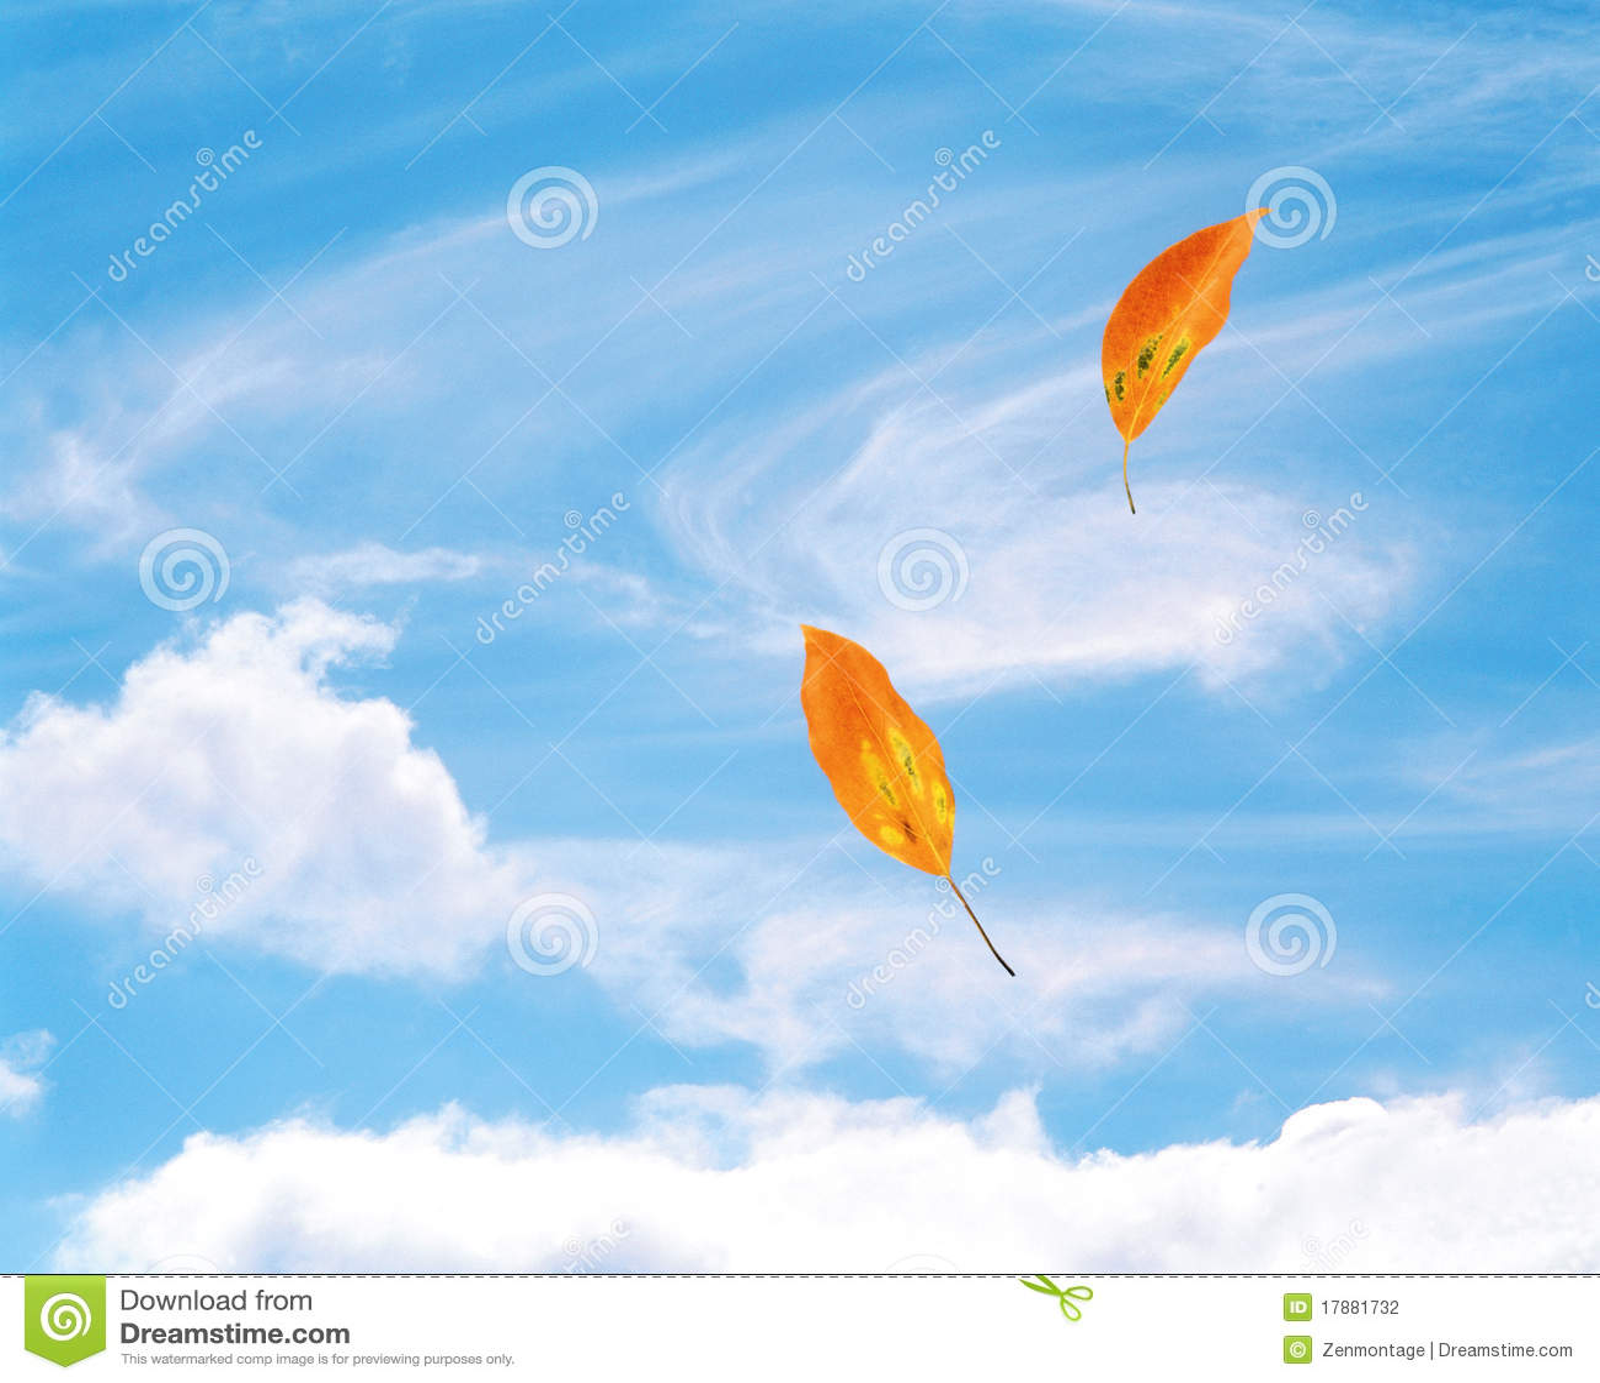 Fogli che saltano nel vento